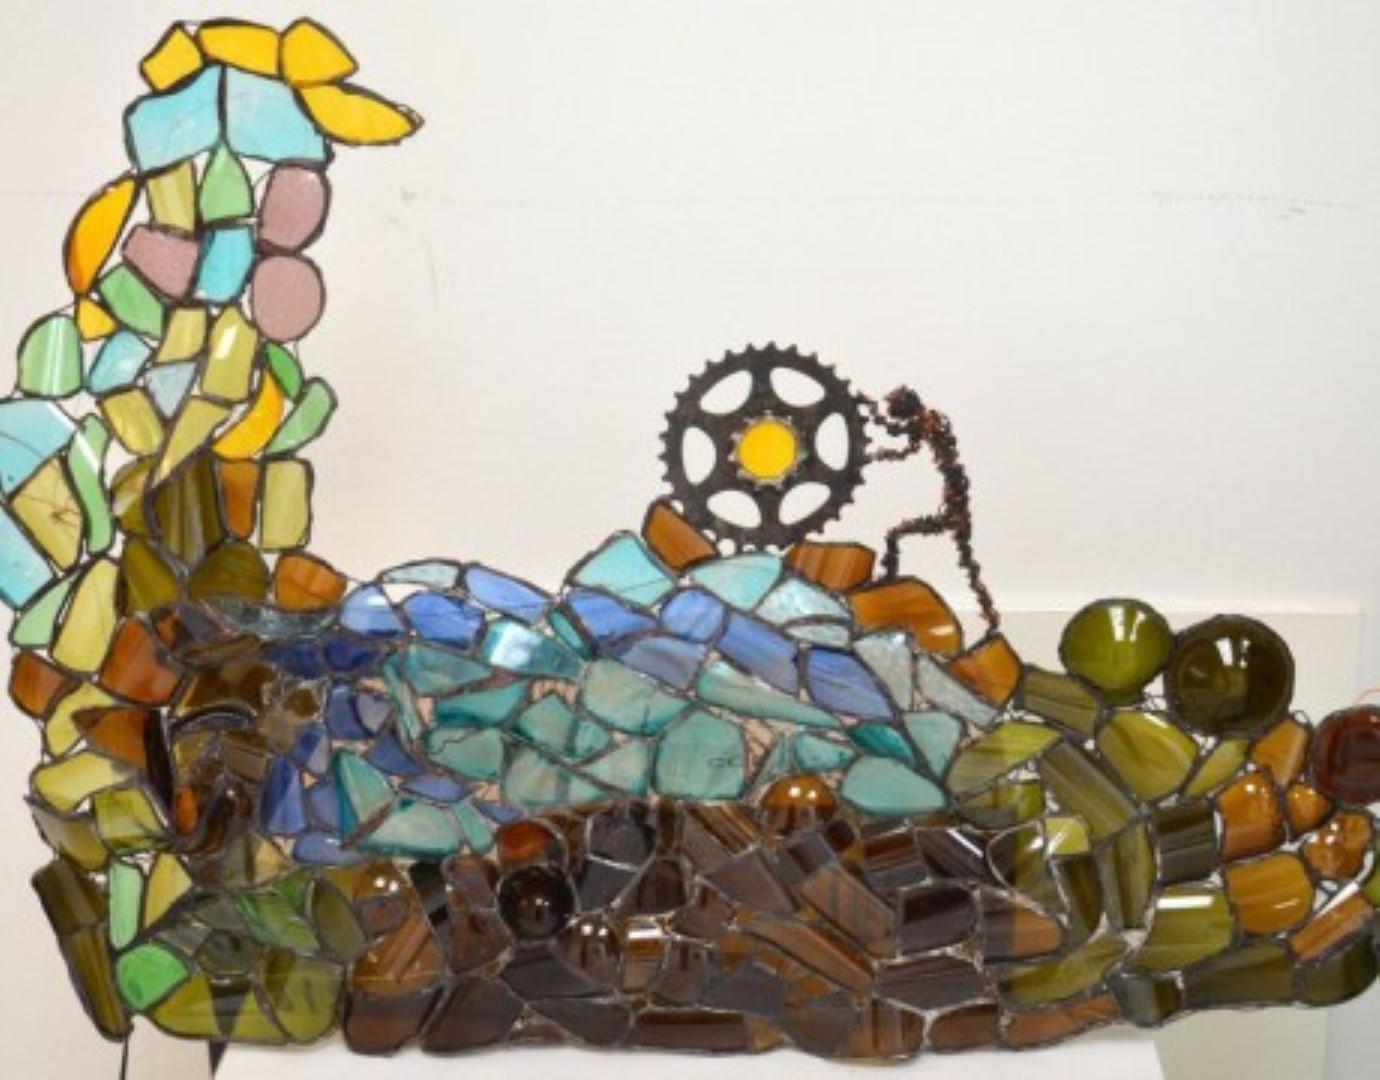 Σύνθεση με γυαλί για το Δημαρχείο Κιλκίς. 1ο βραβείο στο διαγωνισμό ανακύκλωσης ECOTASK 2014